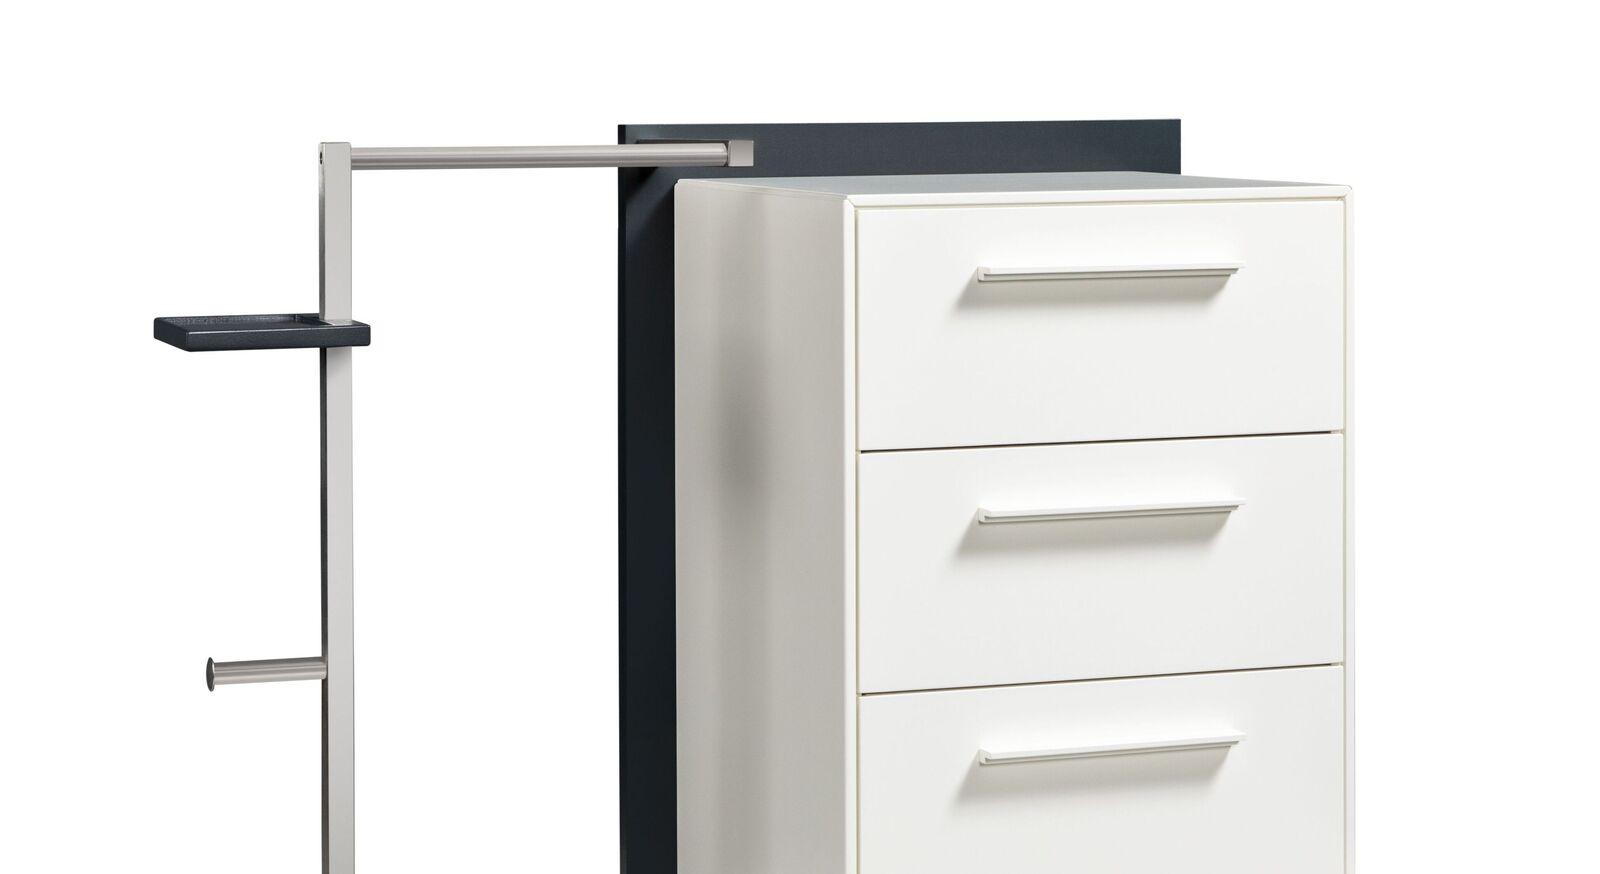 Garderoben-Kommode Cilona mit praktischen Aufbewahrungs-Möglichkeiten